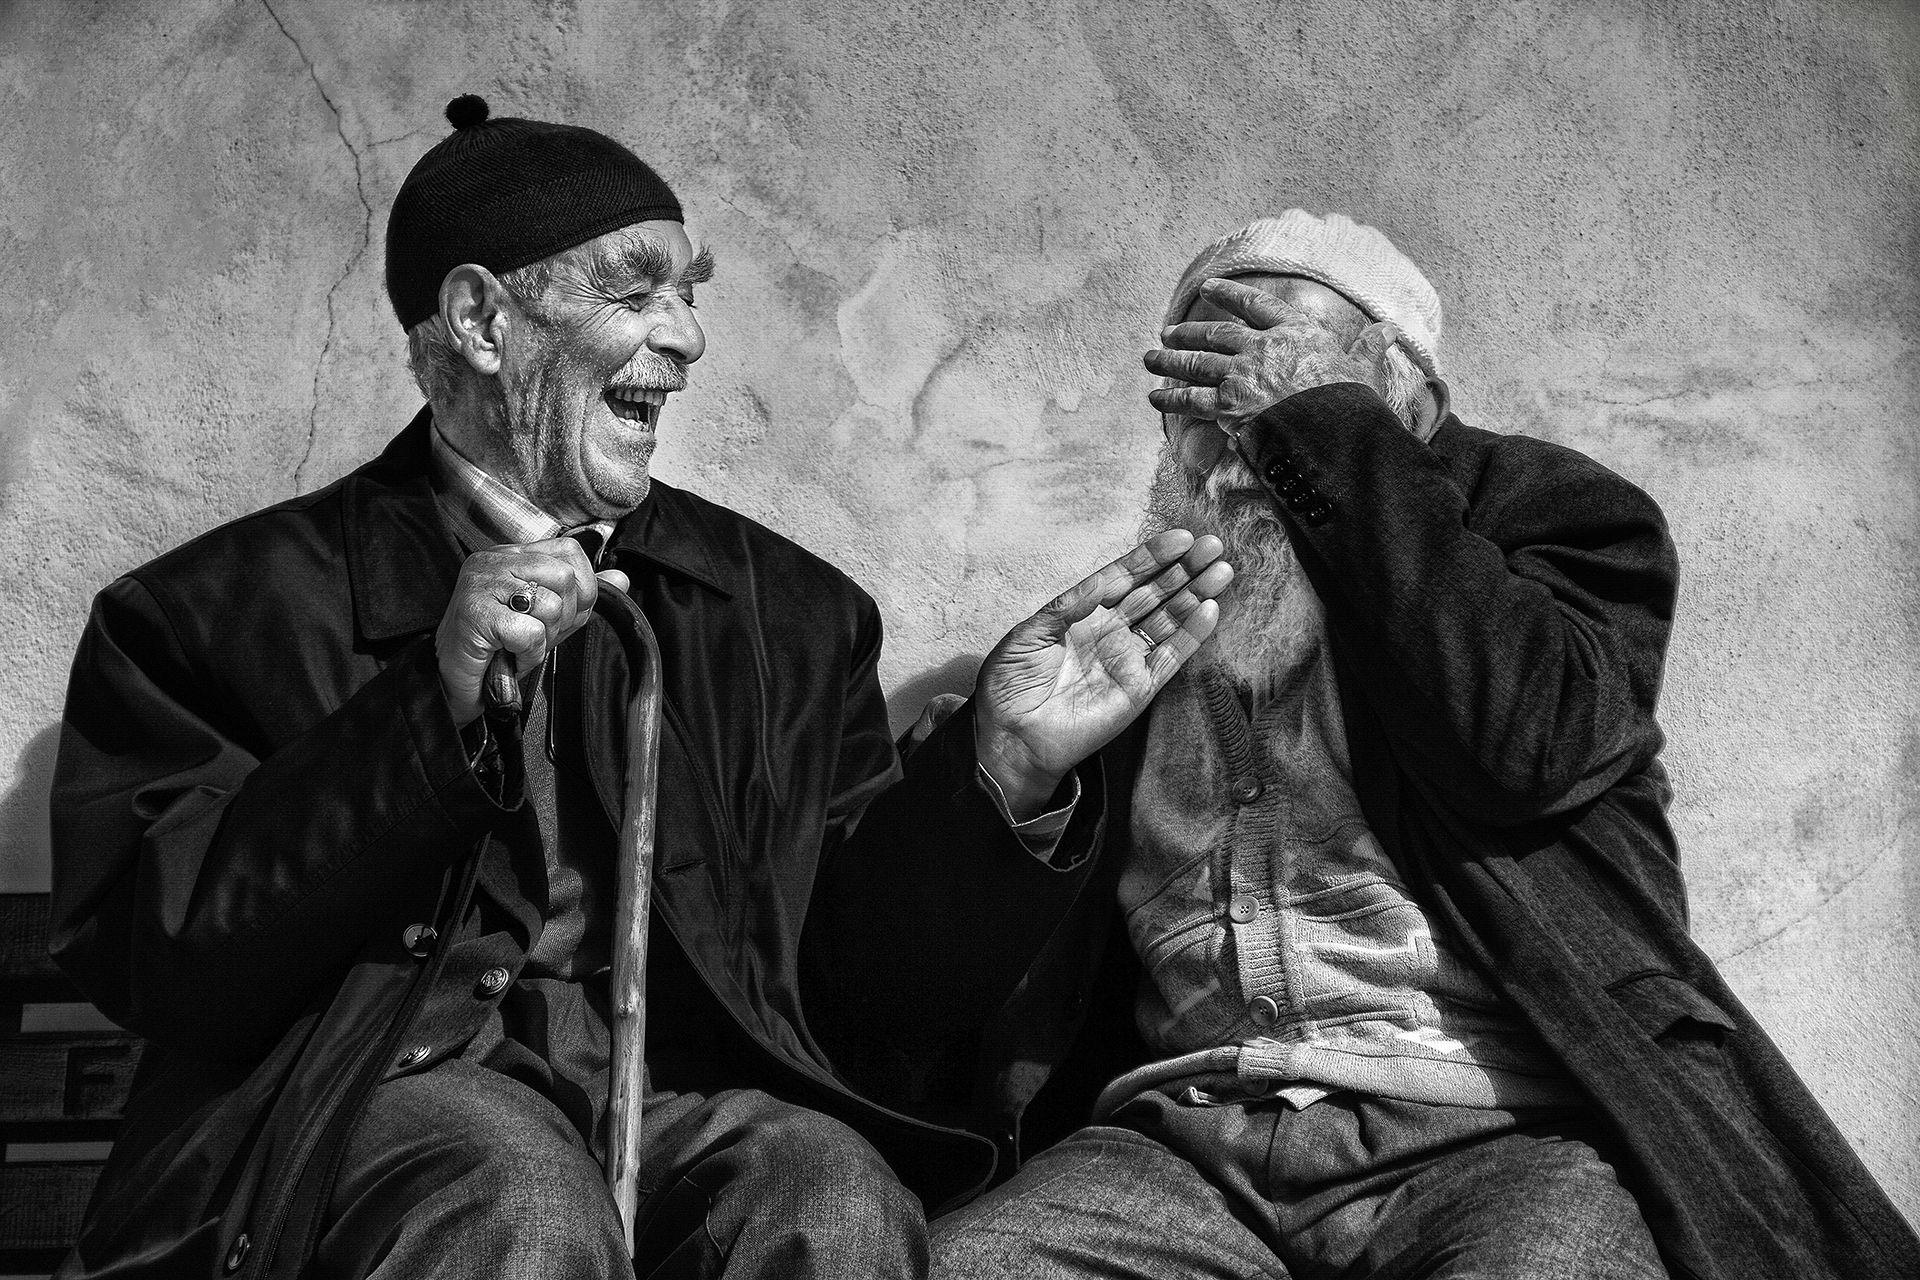 Cheerful conversation